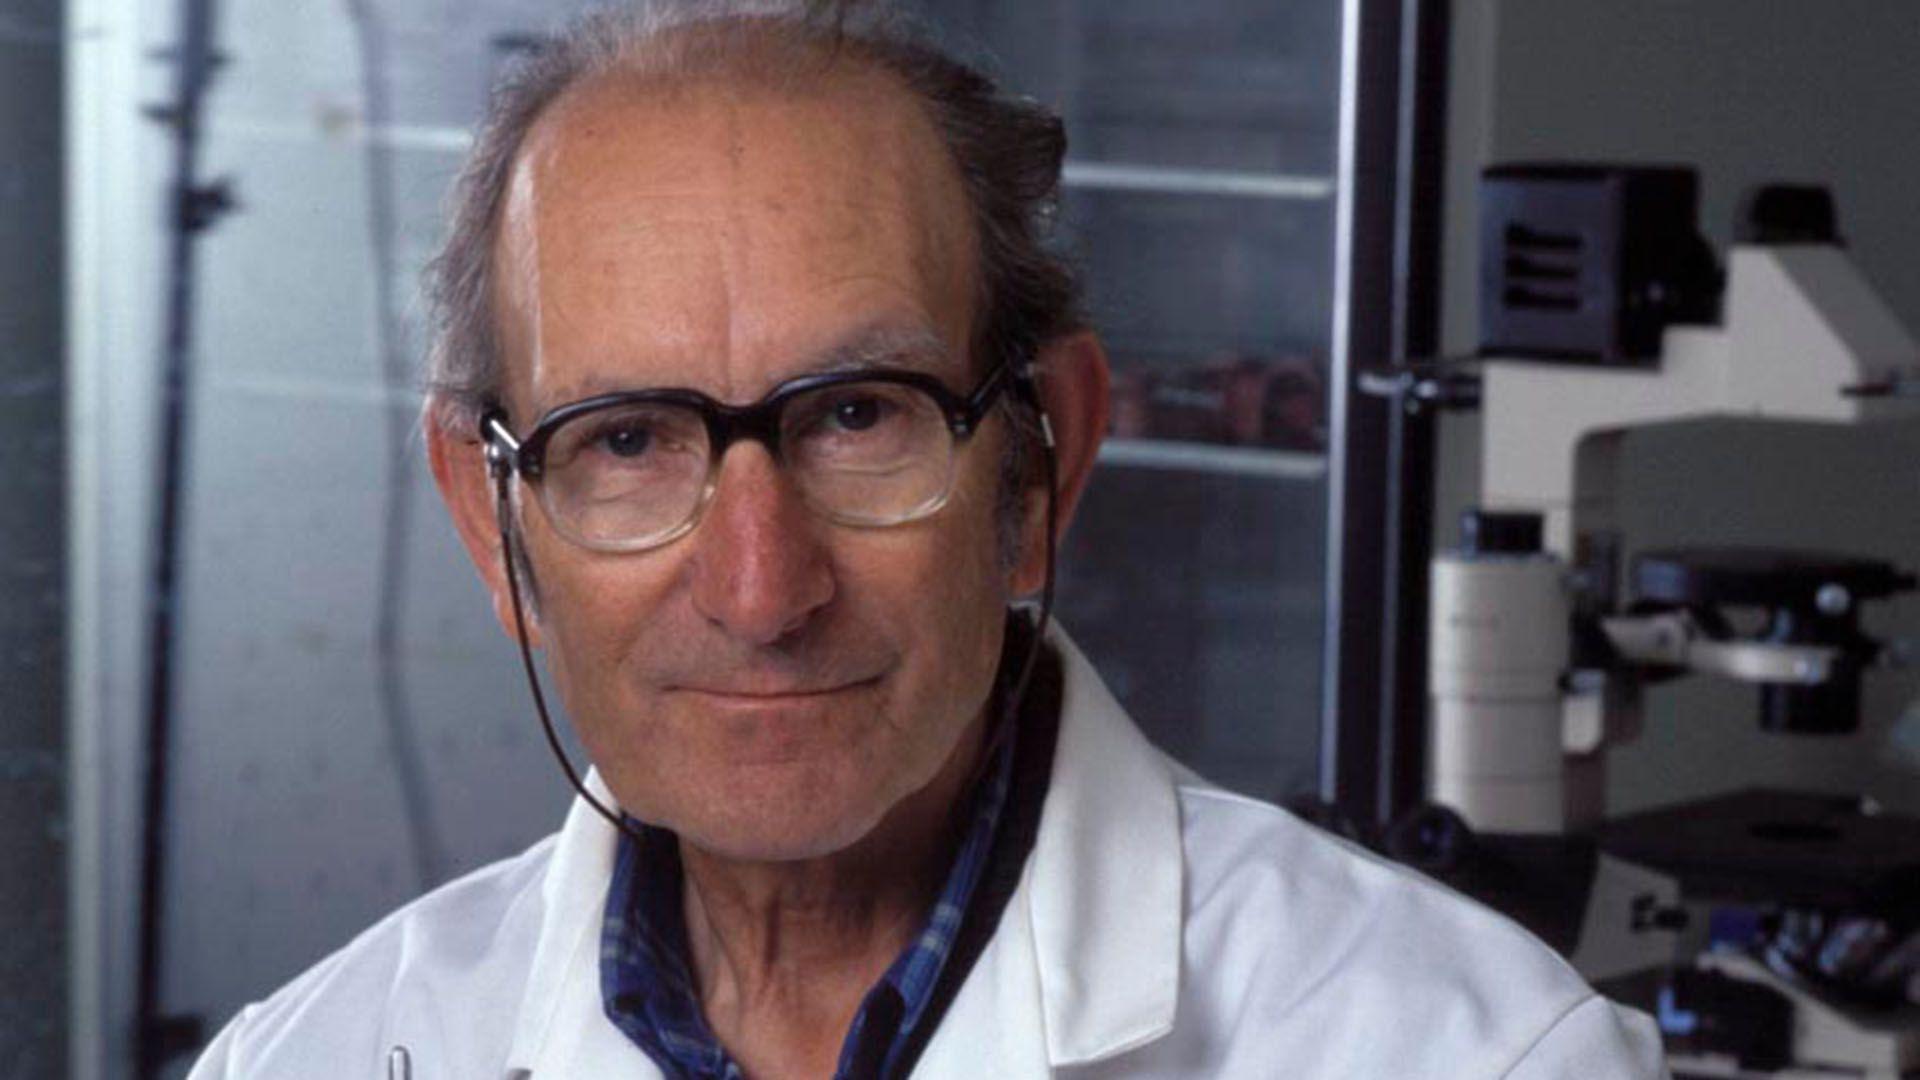 El gran hallazgo del argentino César Milstein fue descubrir el principio que rige la producción de los anticuerpos monoclonales